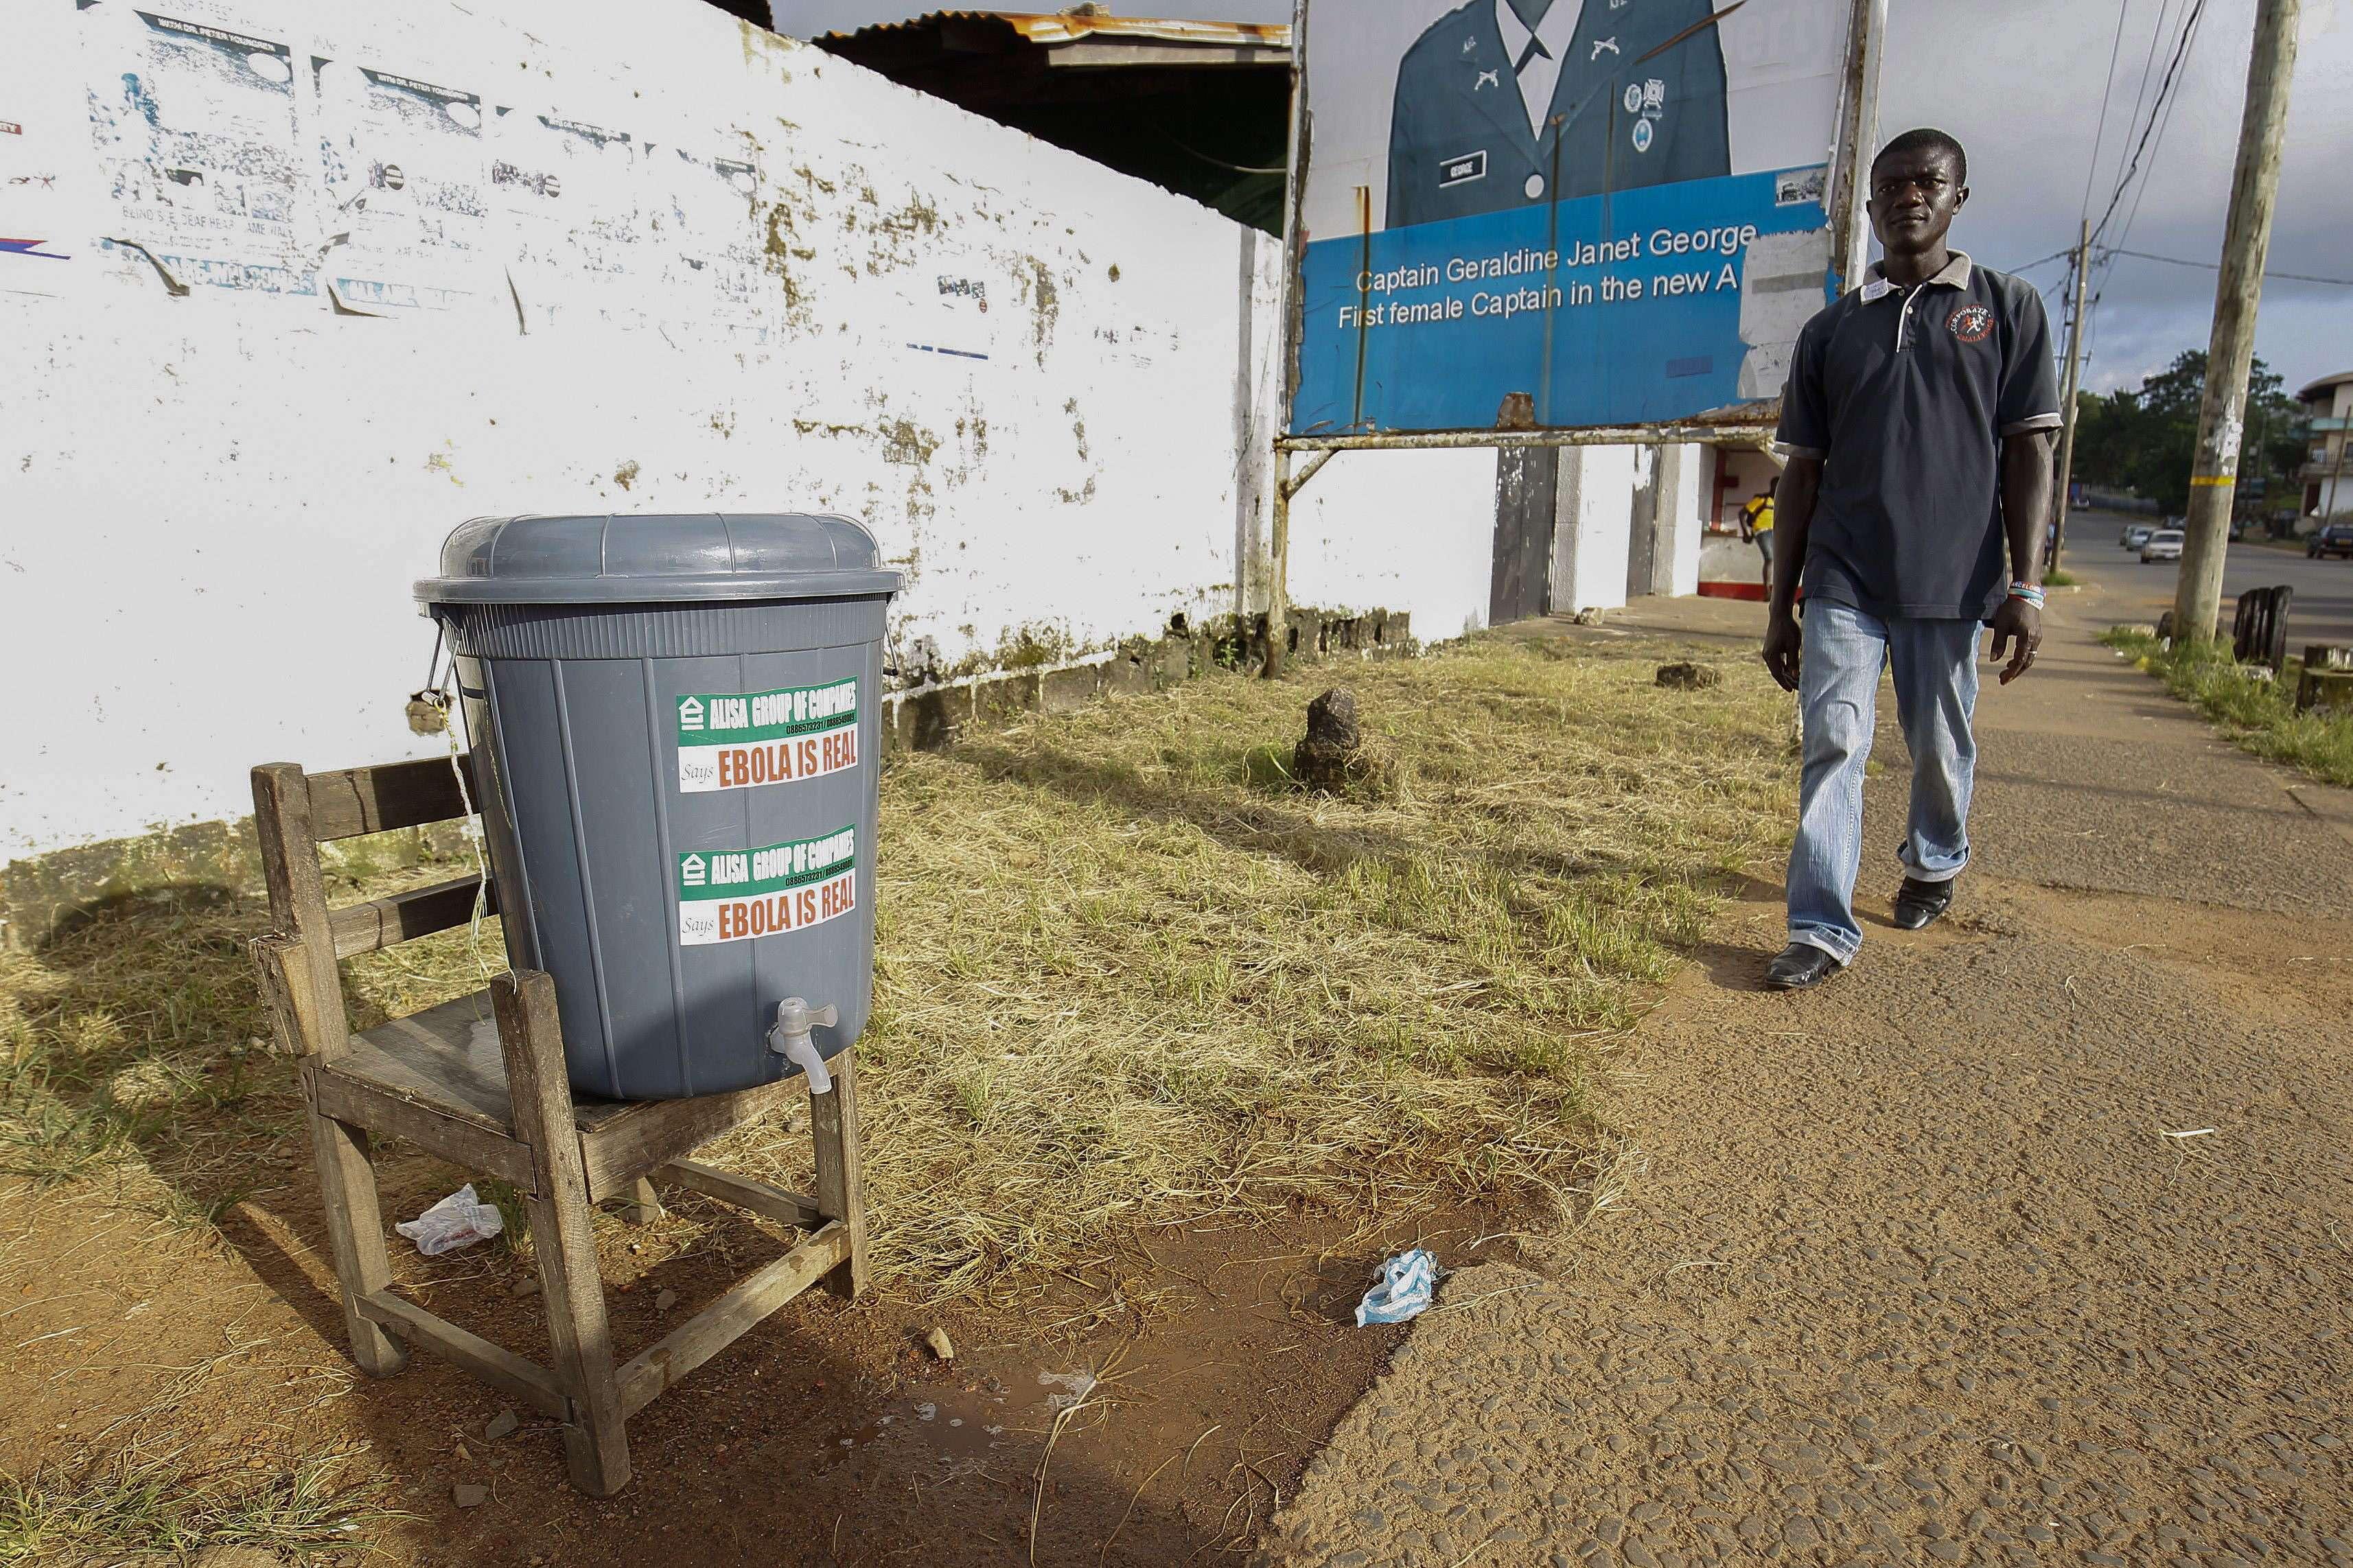 Un hombre camina frente a un balde que contiene agua clorinada como medida para contener la propagación del ébola en una calle en Monrovia, Liberia. Foto: EFE en español